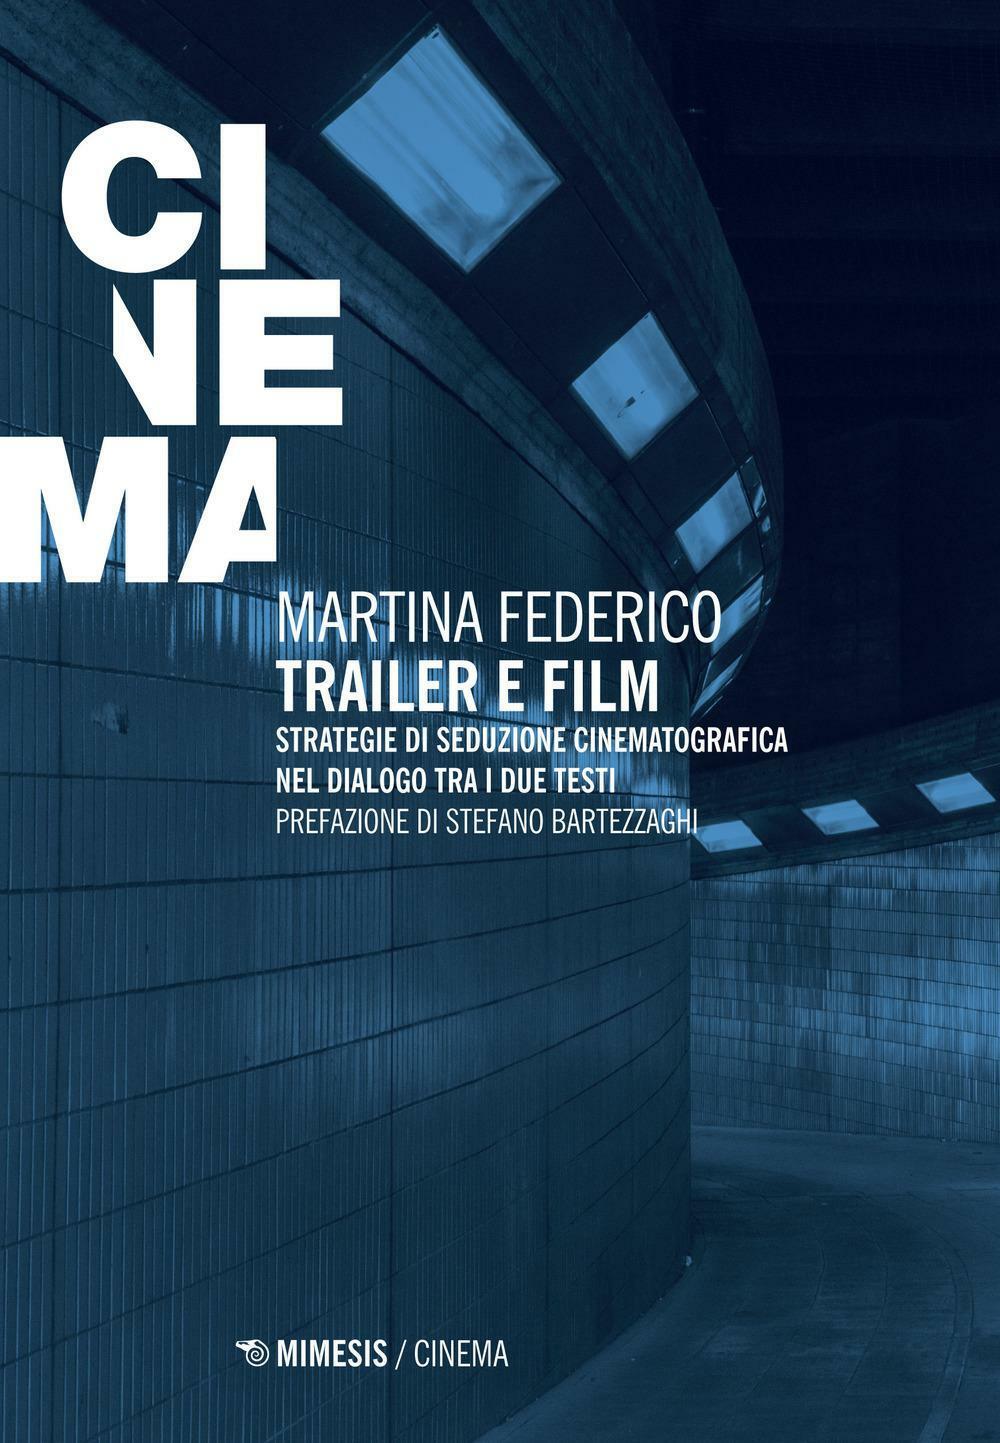 Camere Da Letto Trailer.Trailer E Film Strategie Di Seduzione Cinematografica Doppiozero